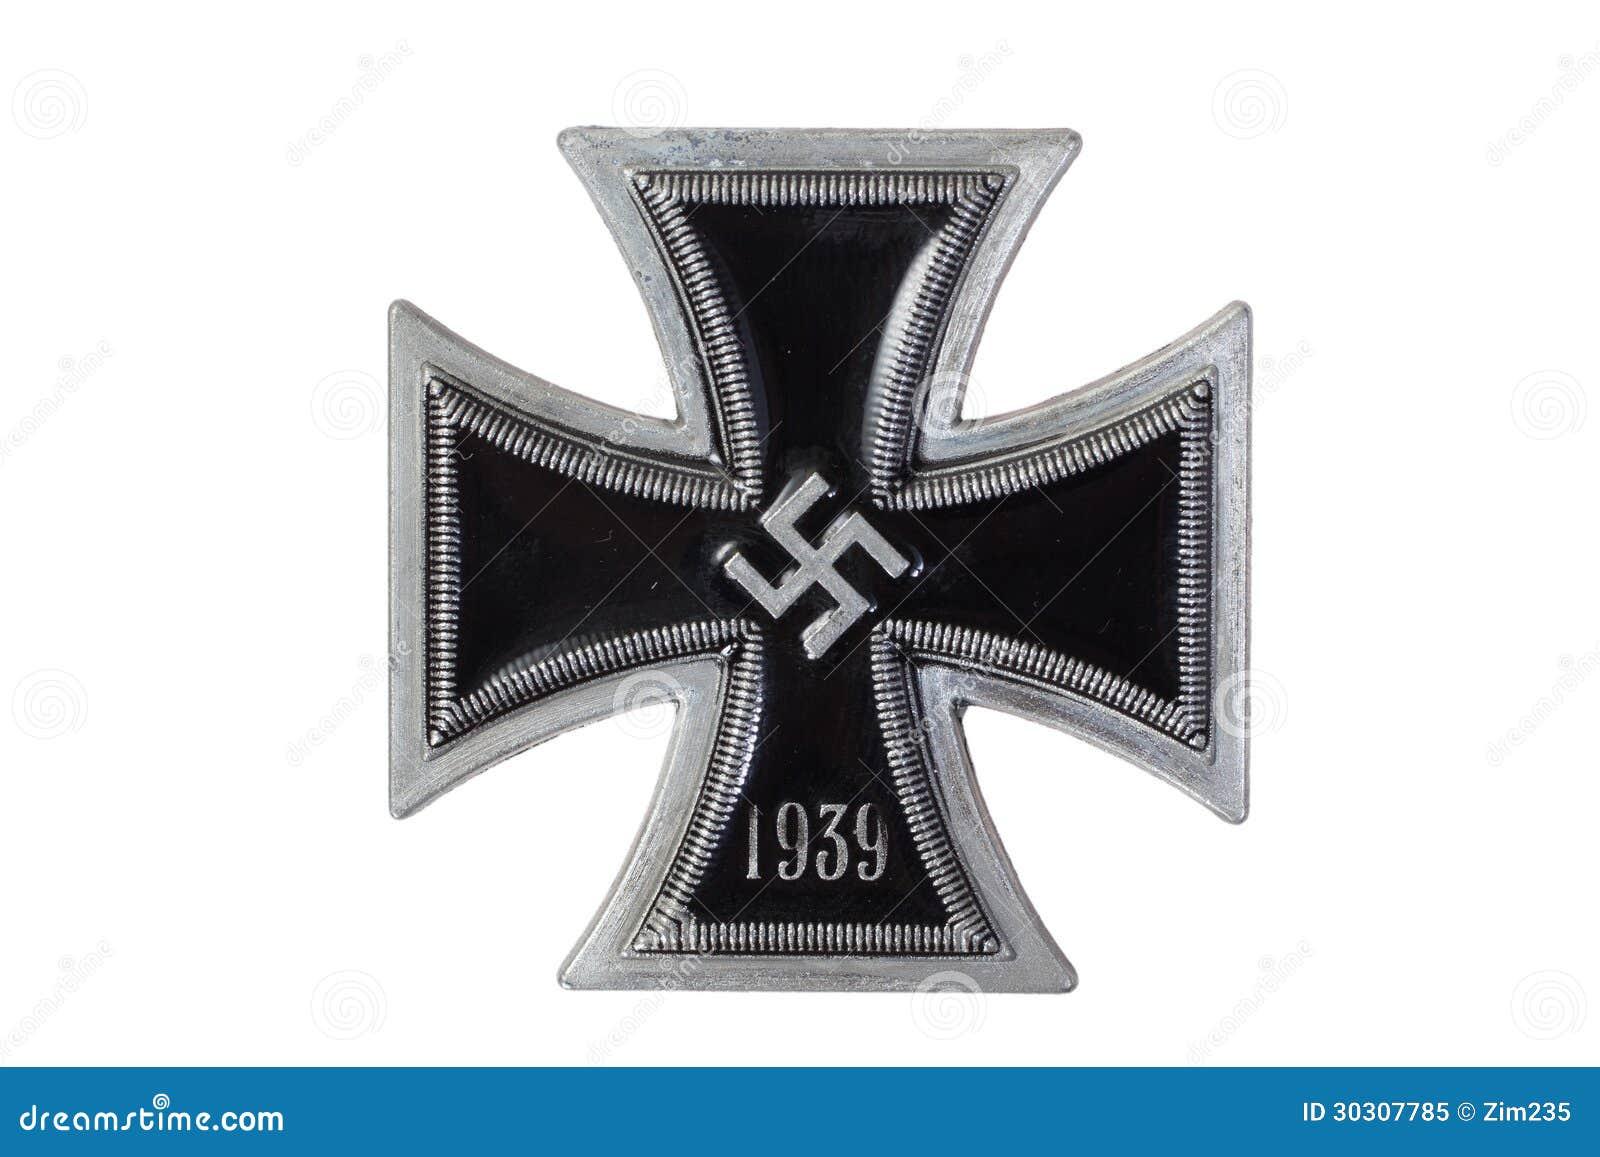 纳粹德国奖牌铁十字勋章